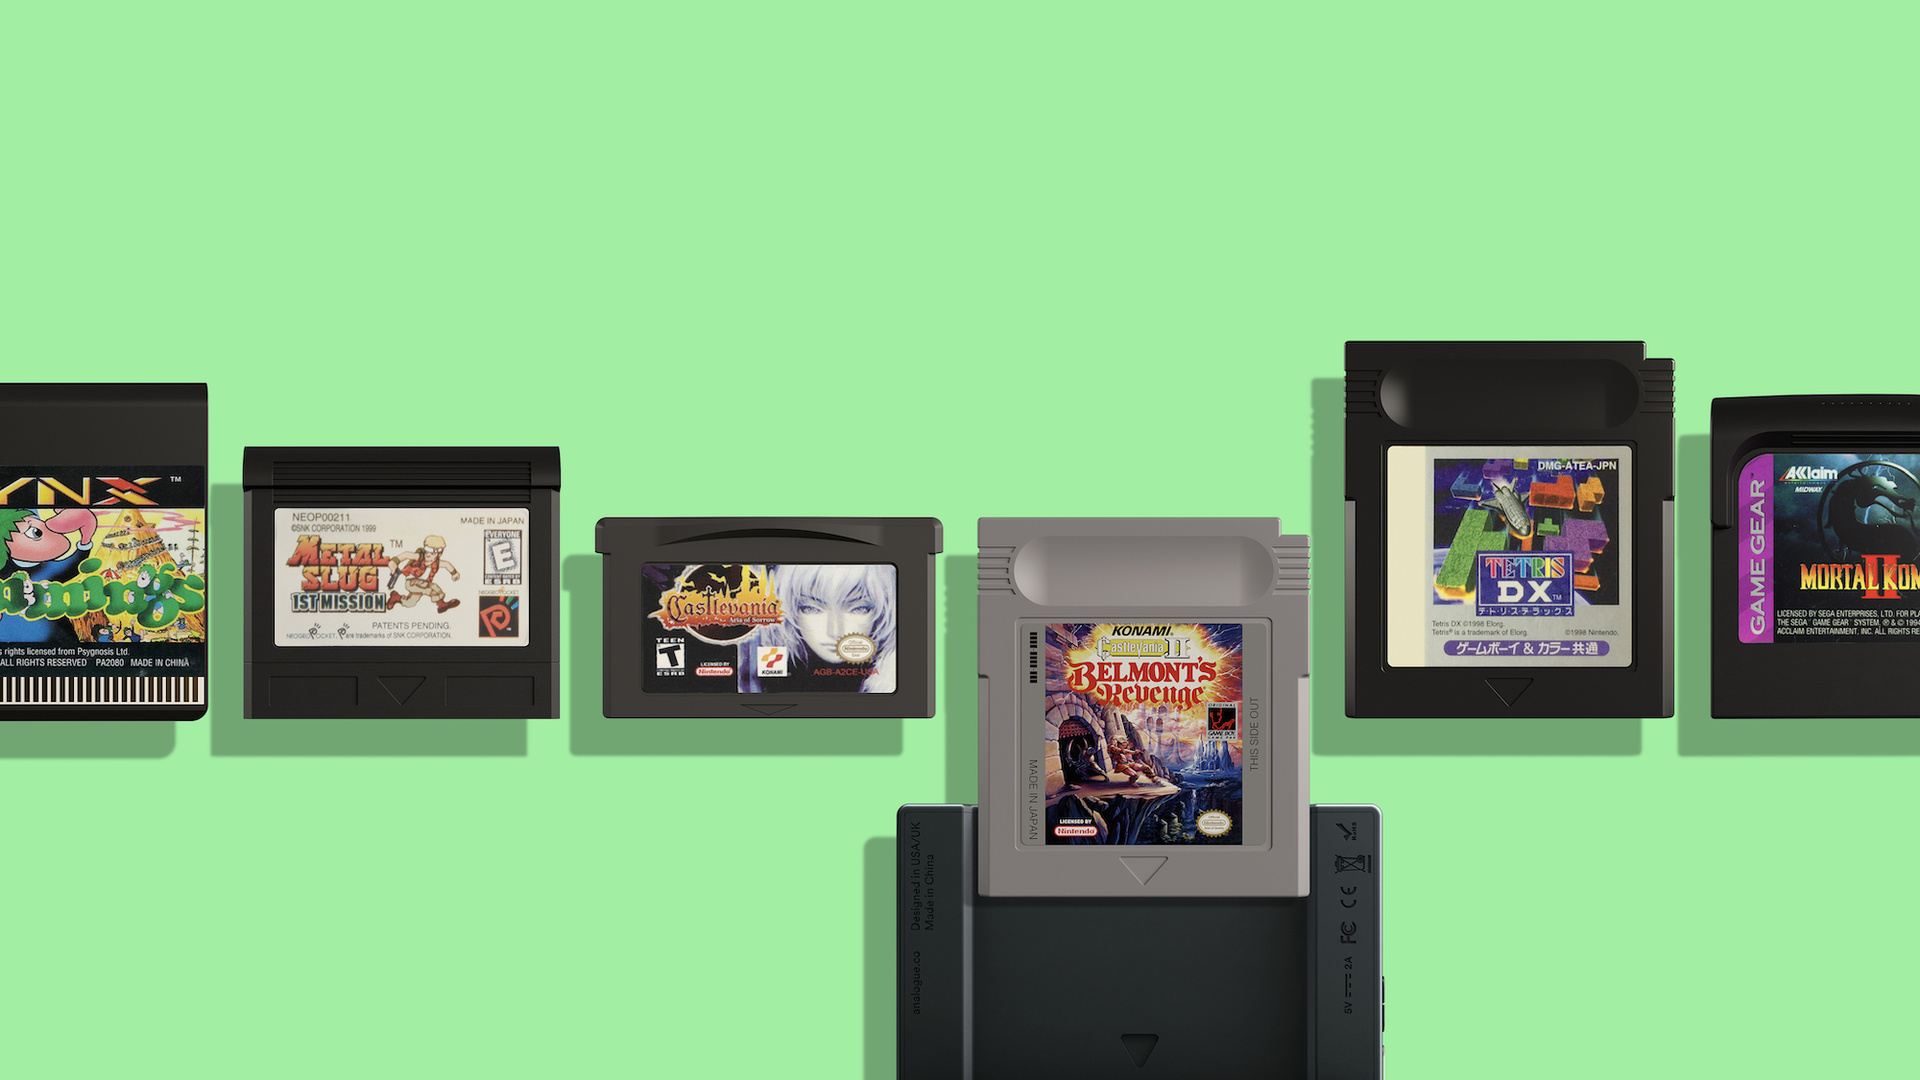 Der Analogue Pocket soll alleine von Nintendo mehr als 2.750 Spiele abspielen.